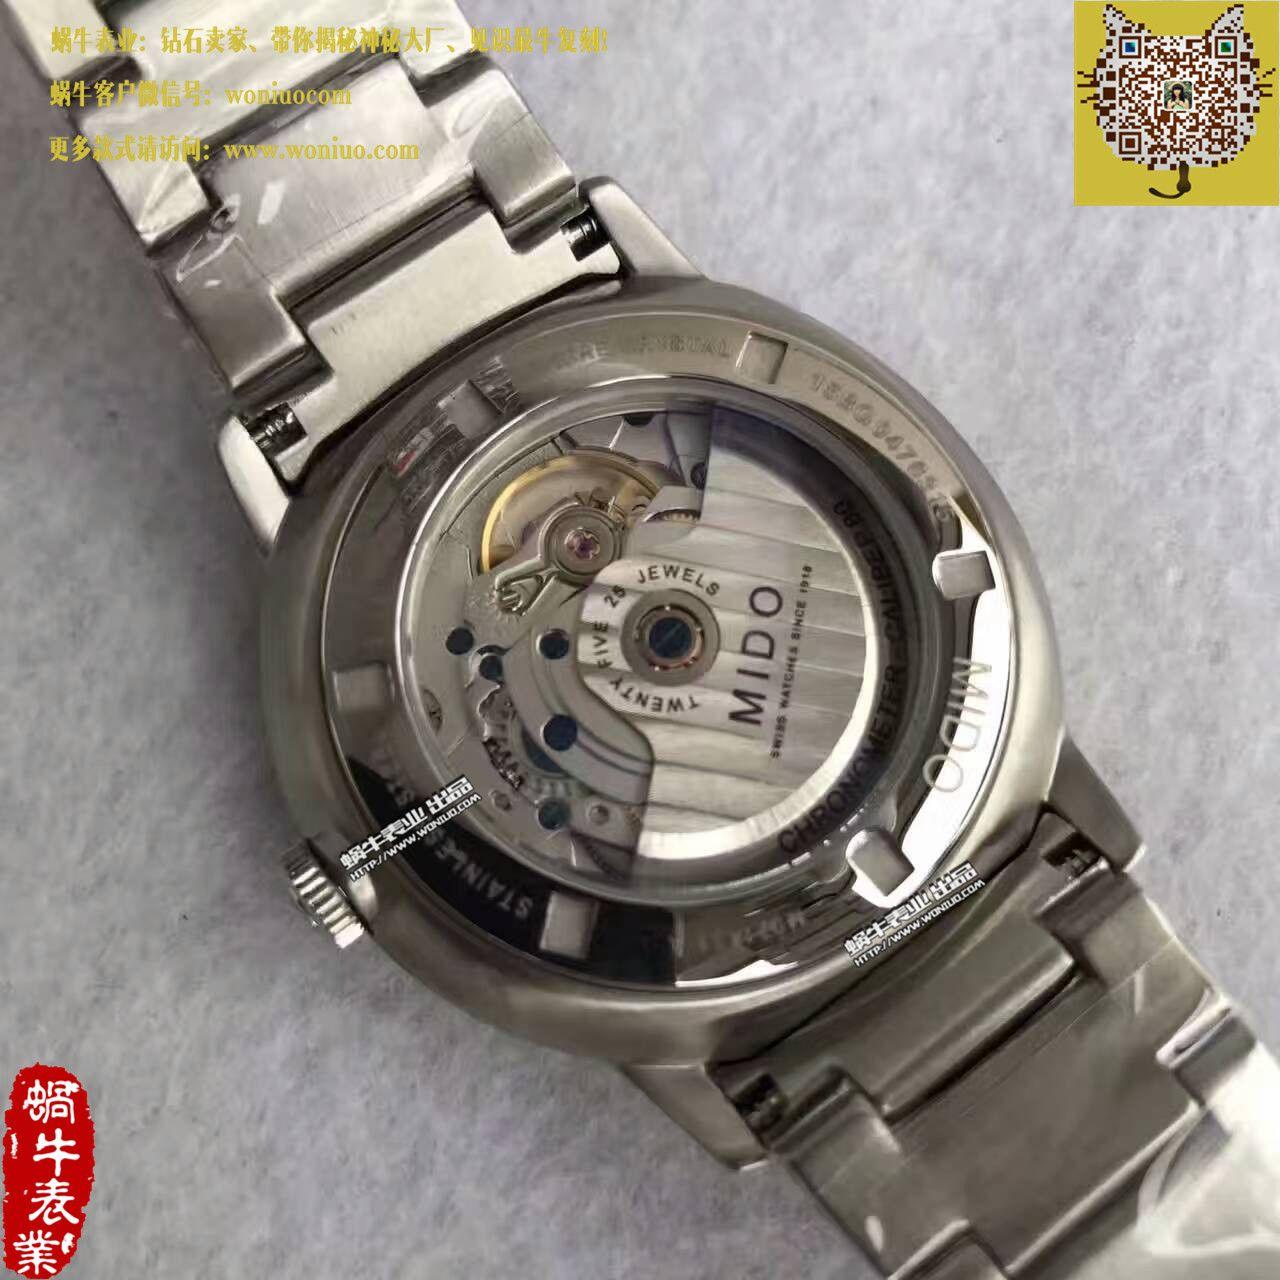 【台湾厂1比1超A高仿手表】美度指挥官系列M021.431.11.061.01腕表 / MD09